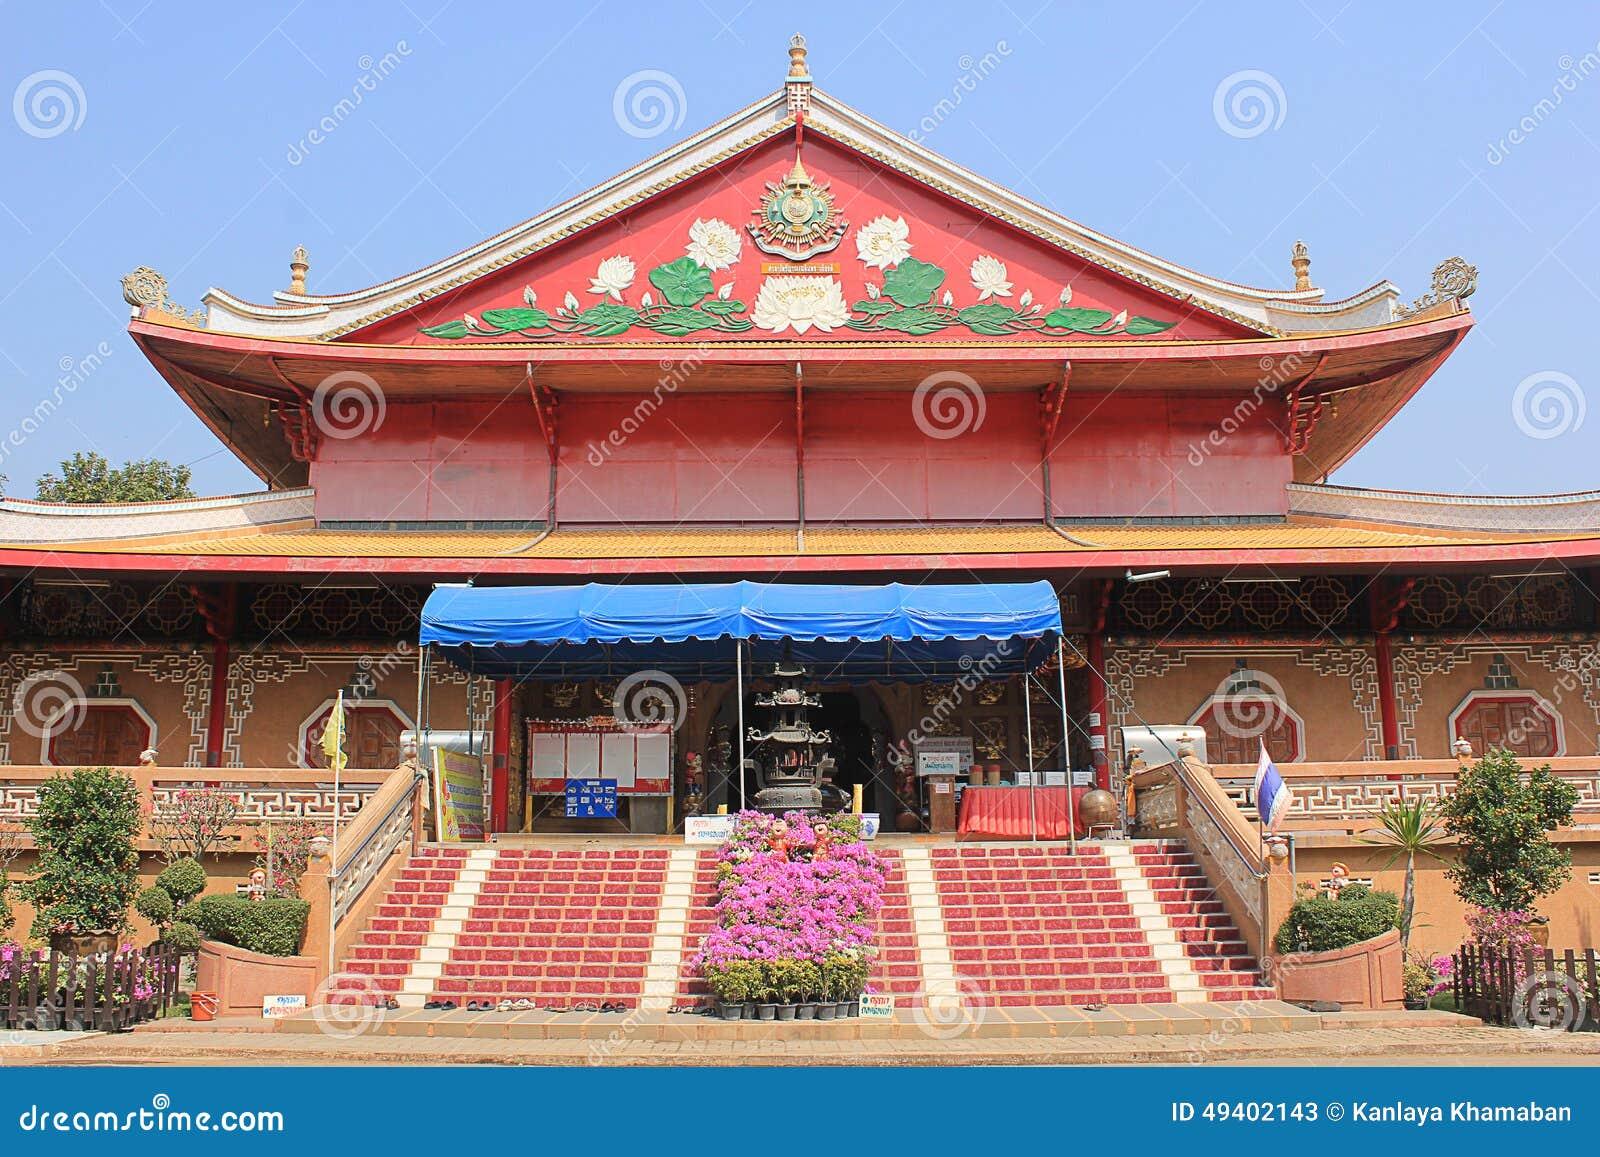 Download Chinesischer Tempel stockbild. Bild von architektur, himmel - 49402143